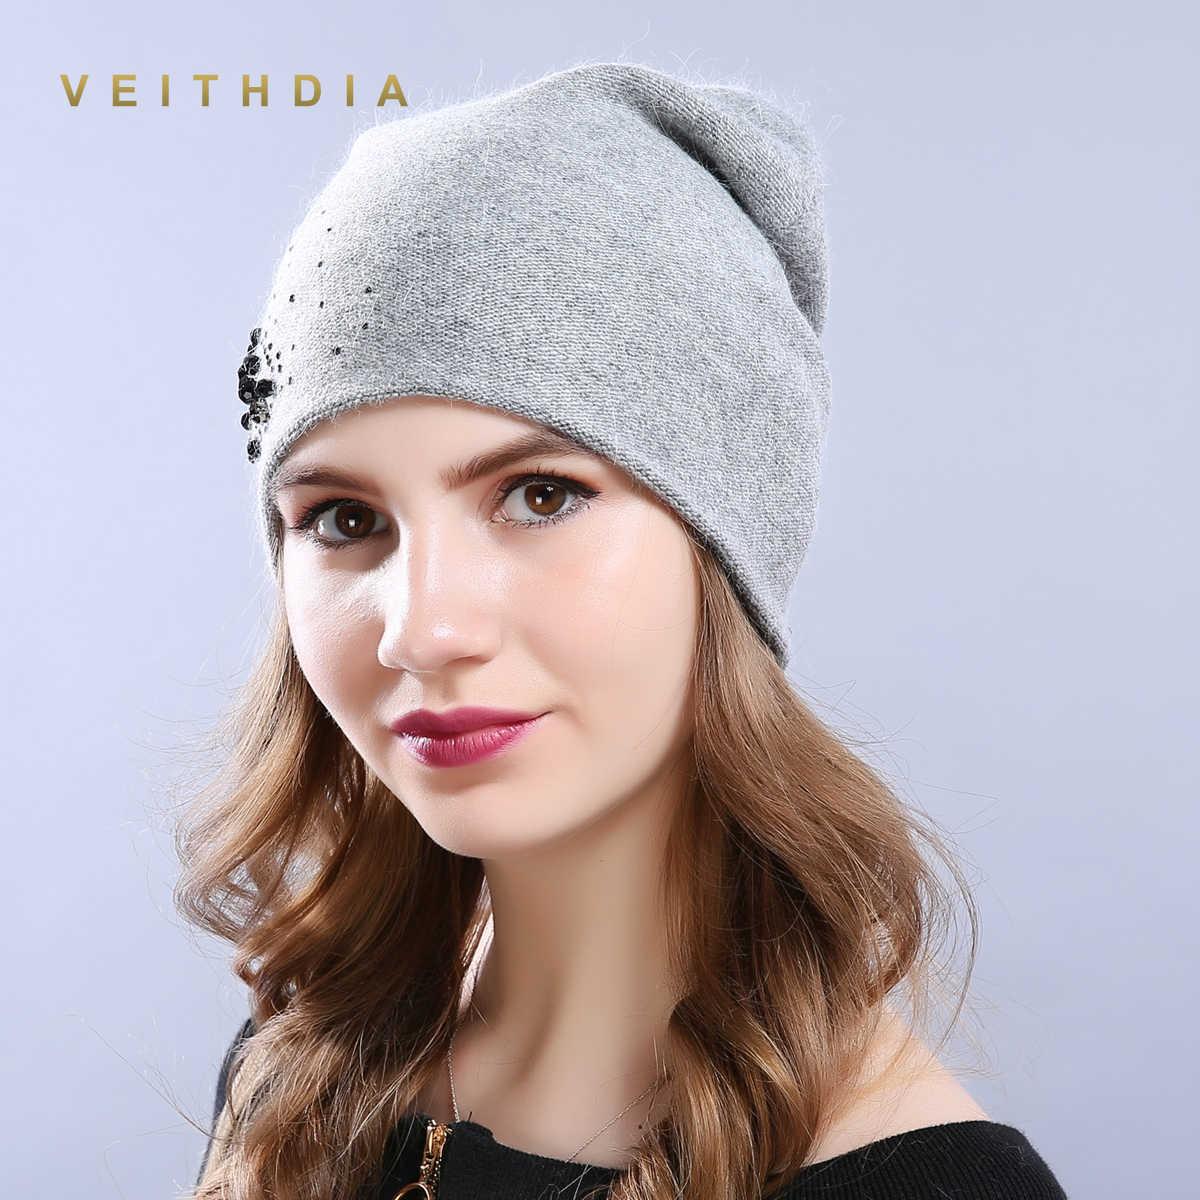 OCCHIALI DA SOLE VEITHDIA Cappelli delle Donne di Cachemire Femminile casual Autunno Inverno Brand New Di Cristallo A Doppio Strato di Spessore Lavorato A Maglia Delle Ragazze Skullies Berretti